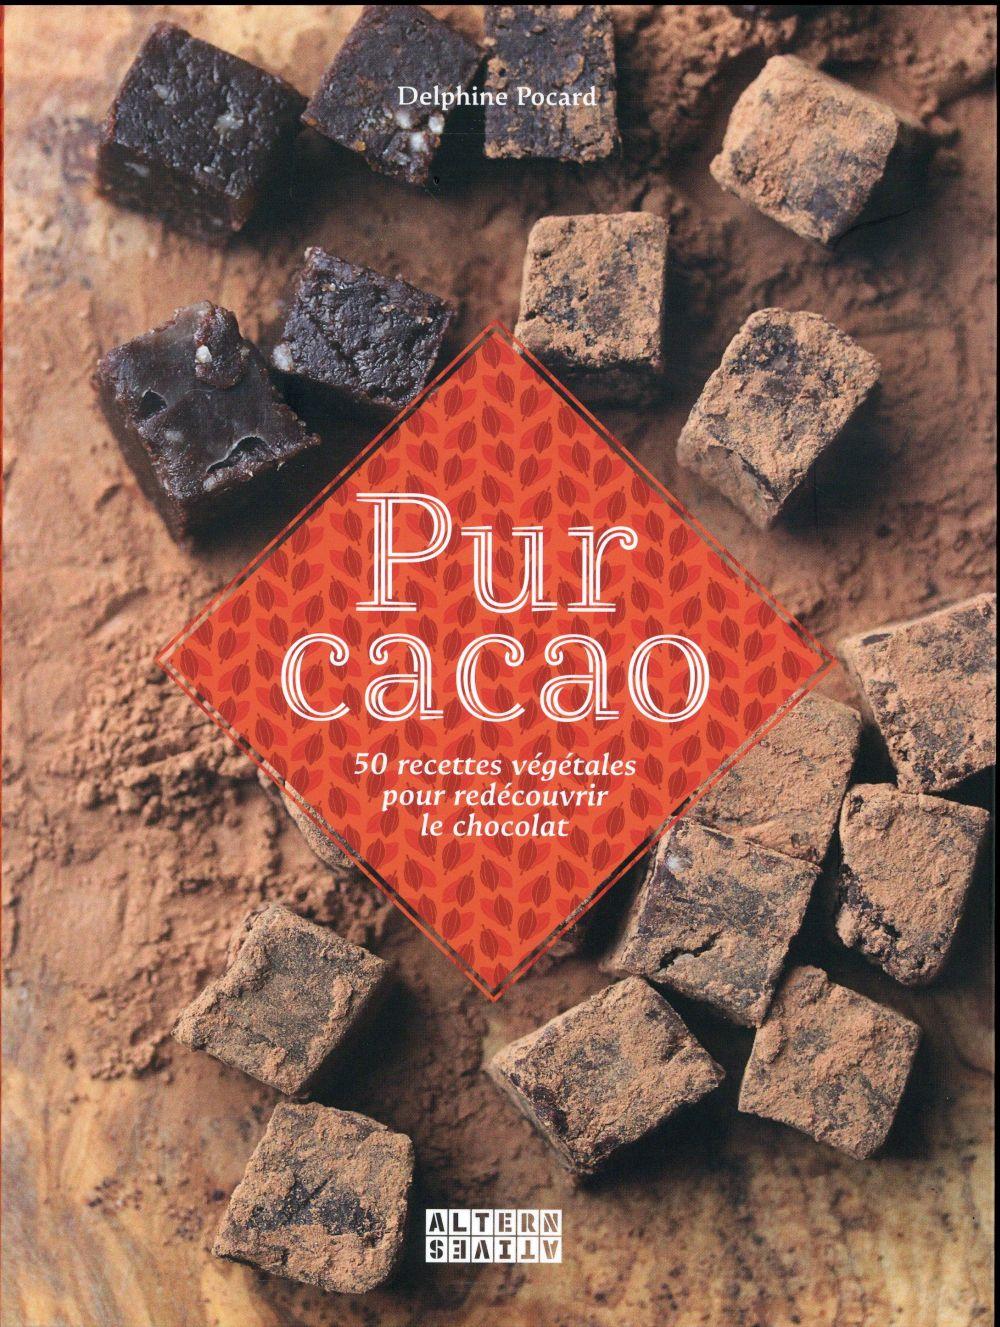 Pur cacao - 50 recettes vegetales pour redecouvrir le chocolat